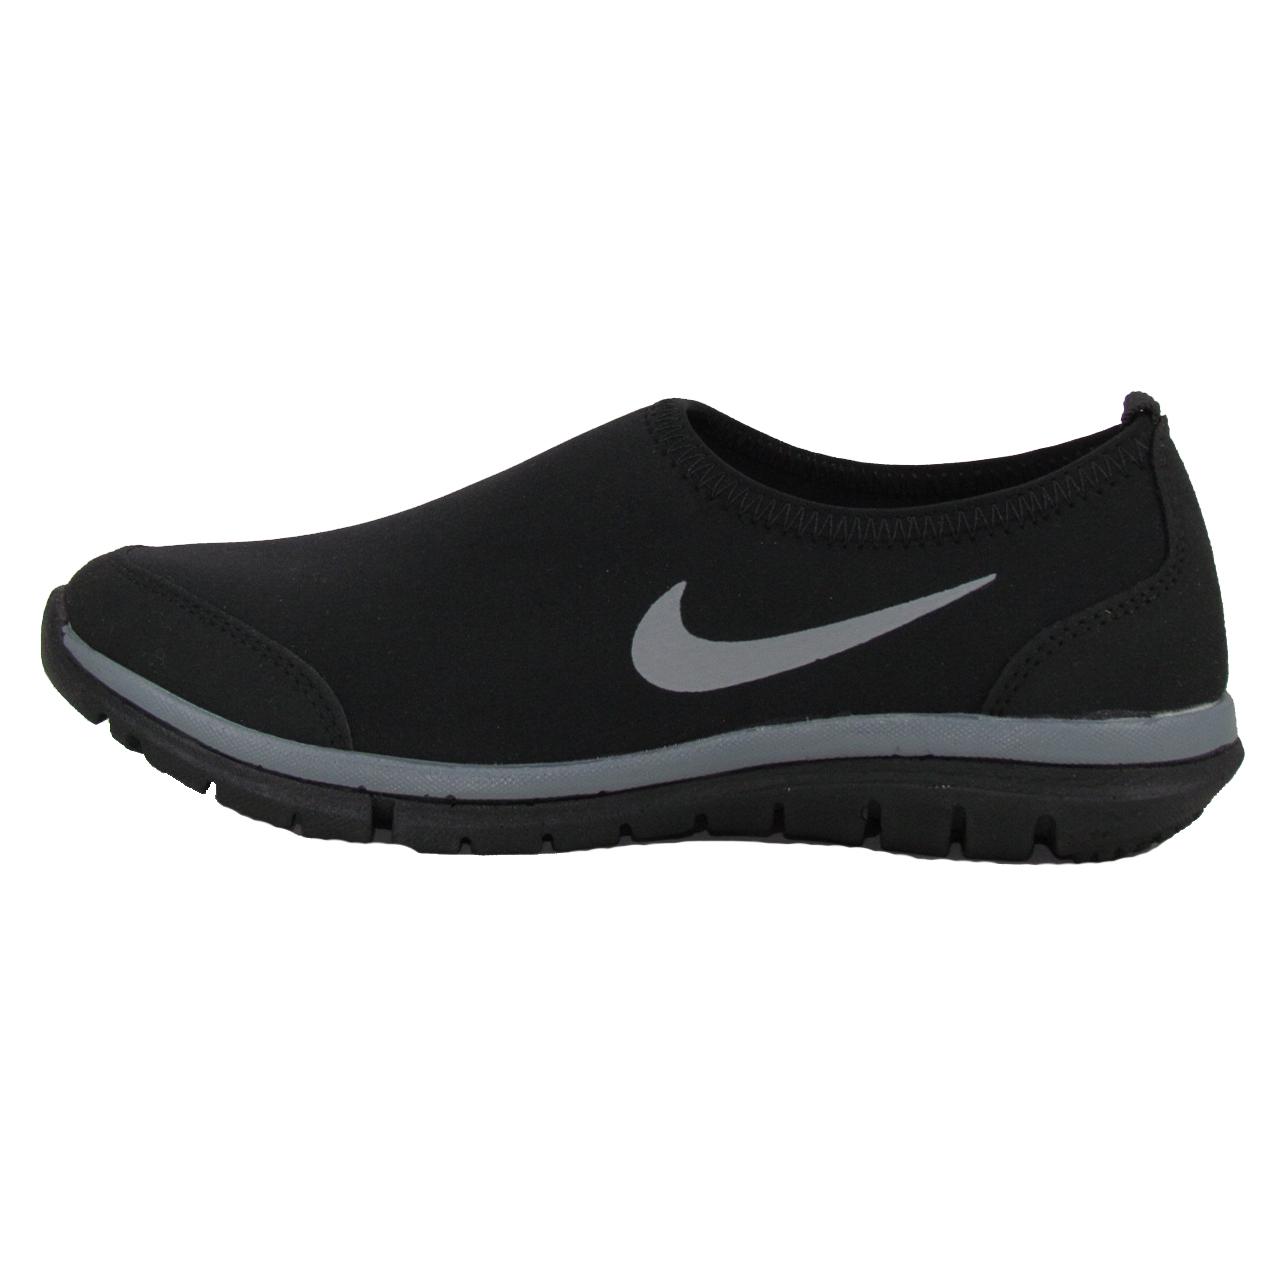 قیمت کفش مخصوص پیاده روی مردانه مدل 213 MIRACLE